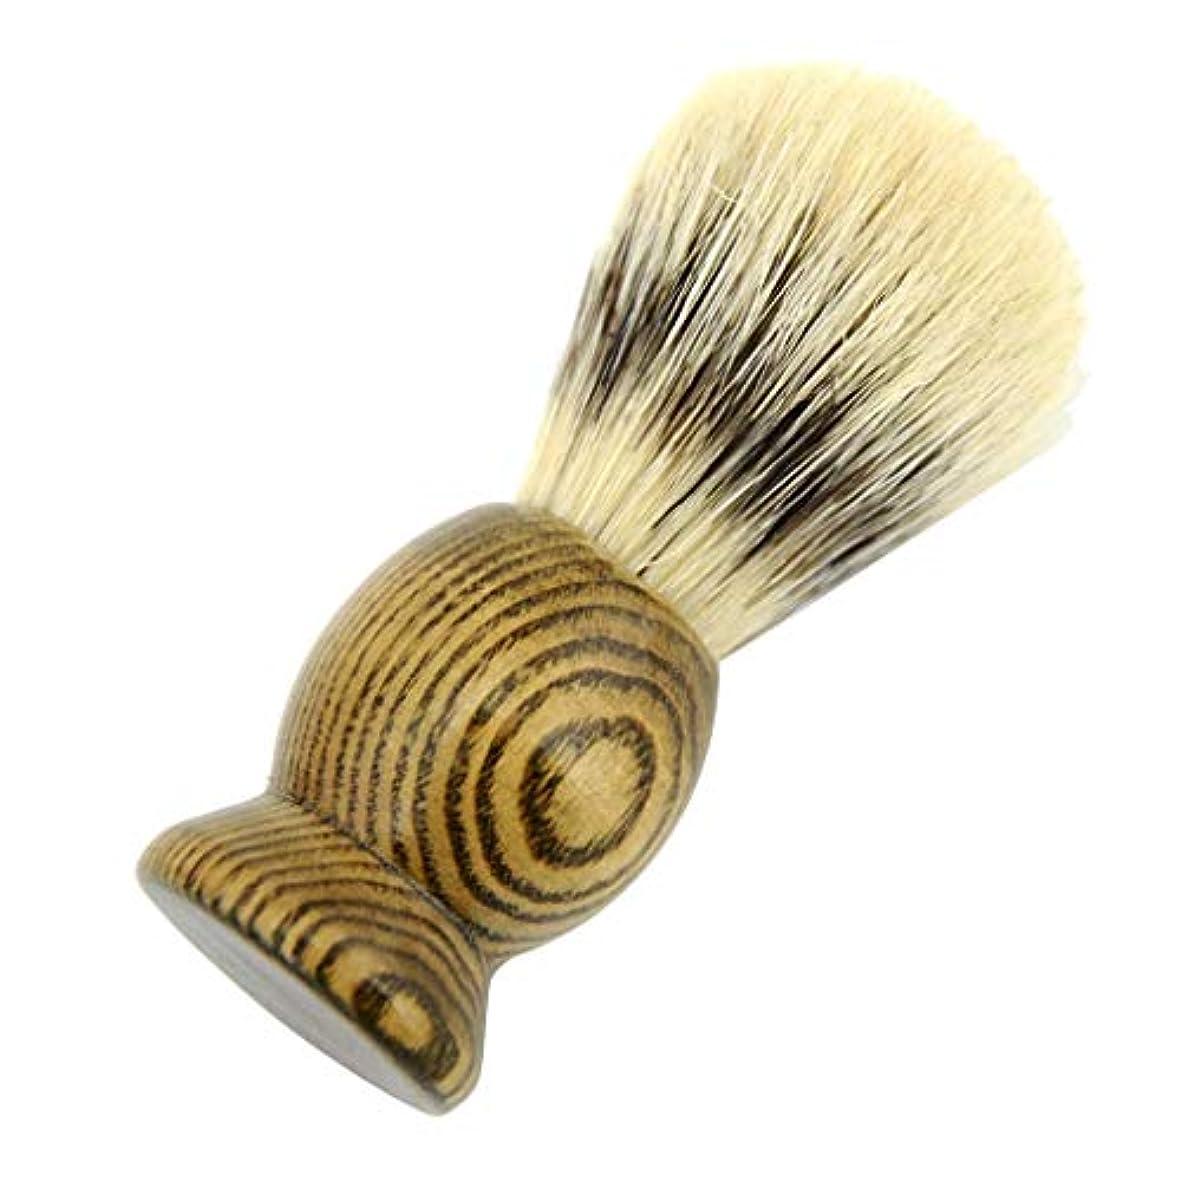 配偶者耐久アクセスdailymall メンズ シェービング用ブラシ 理容 洗顔 髭剃り 泡立ち サロン 家庭用 快適